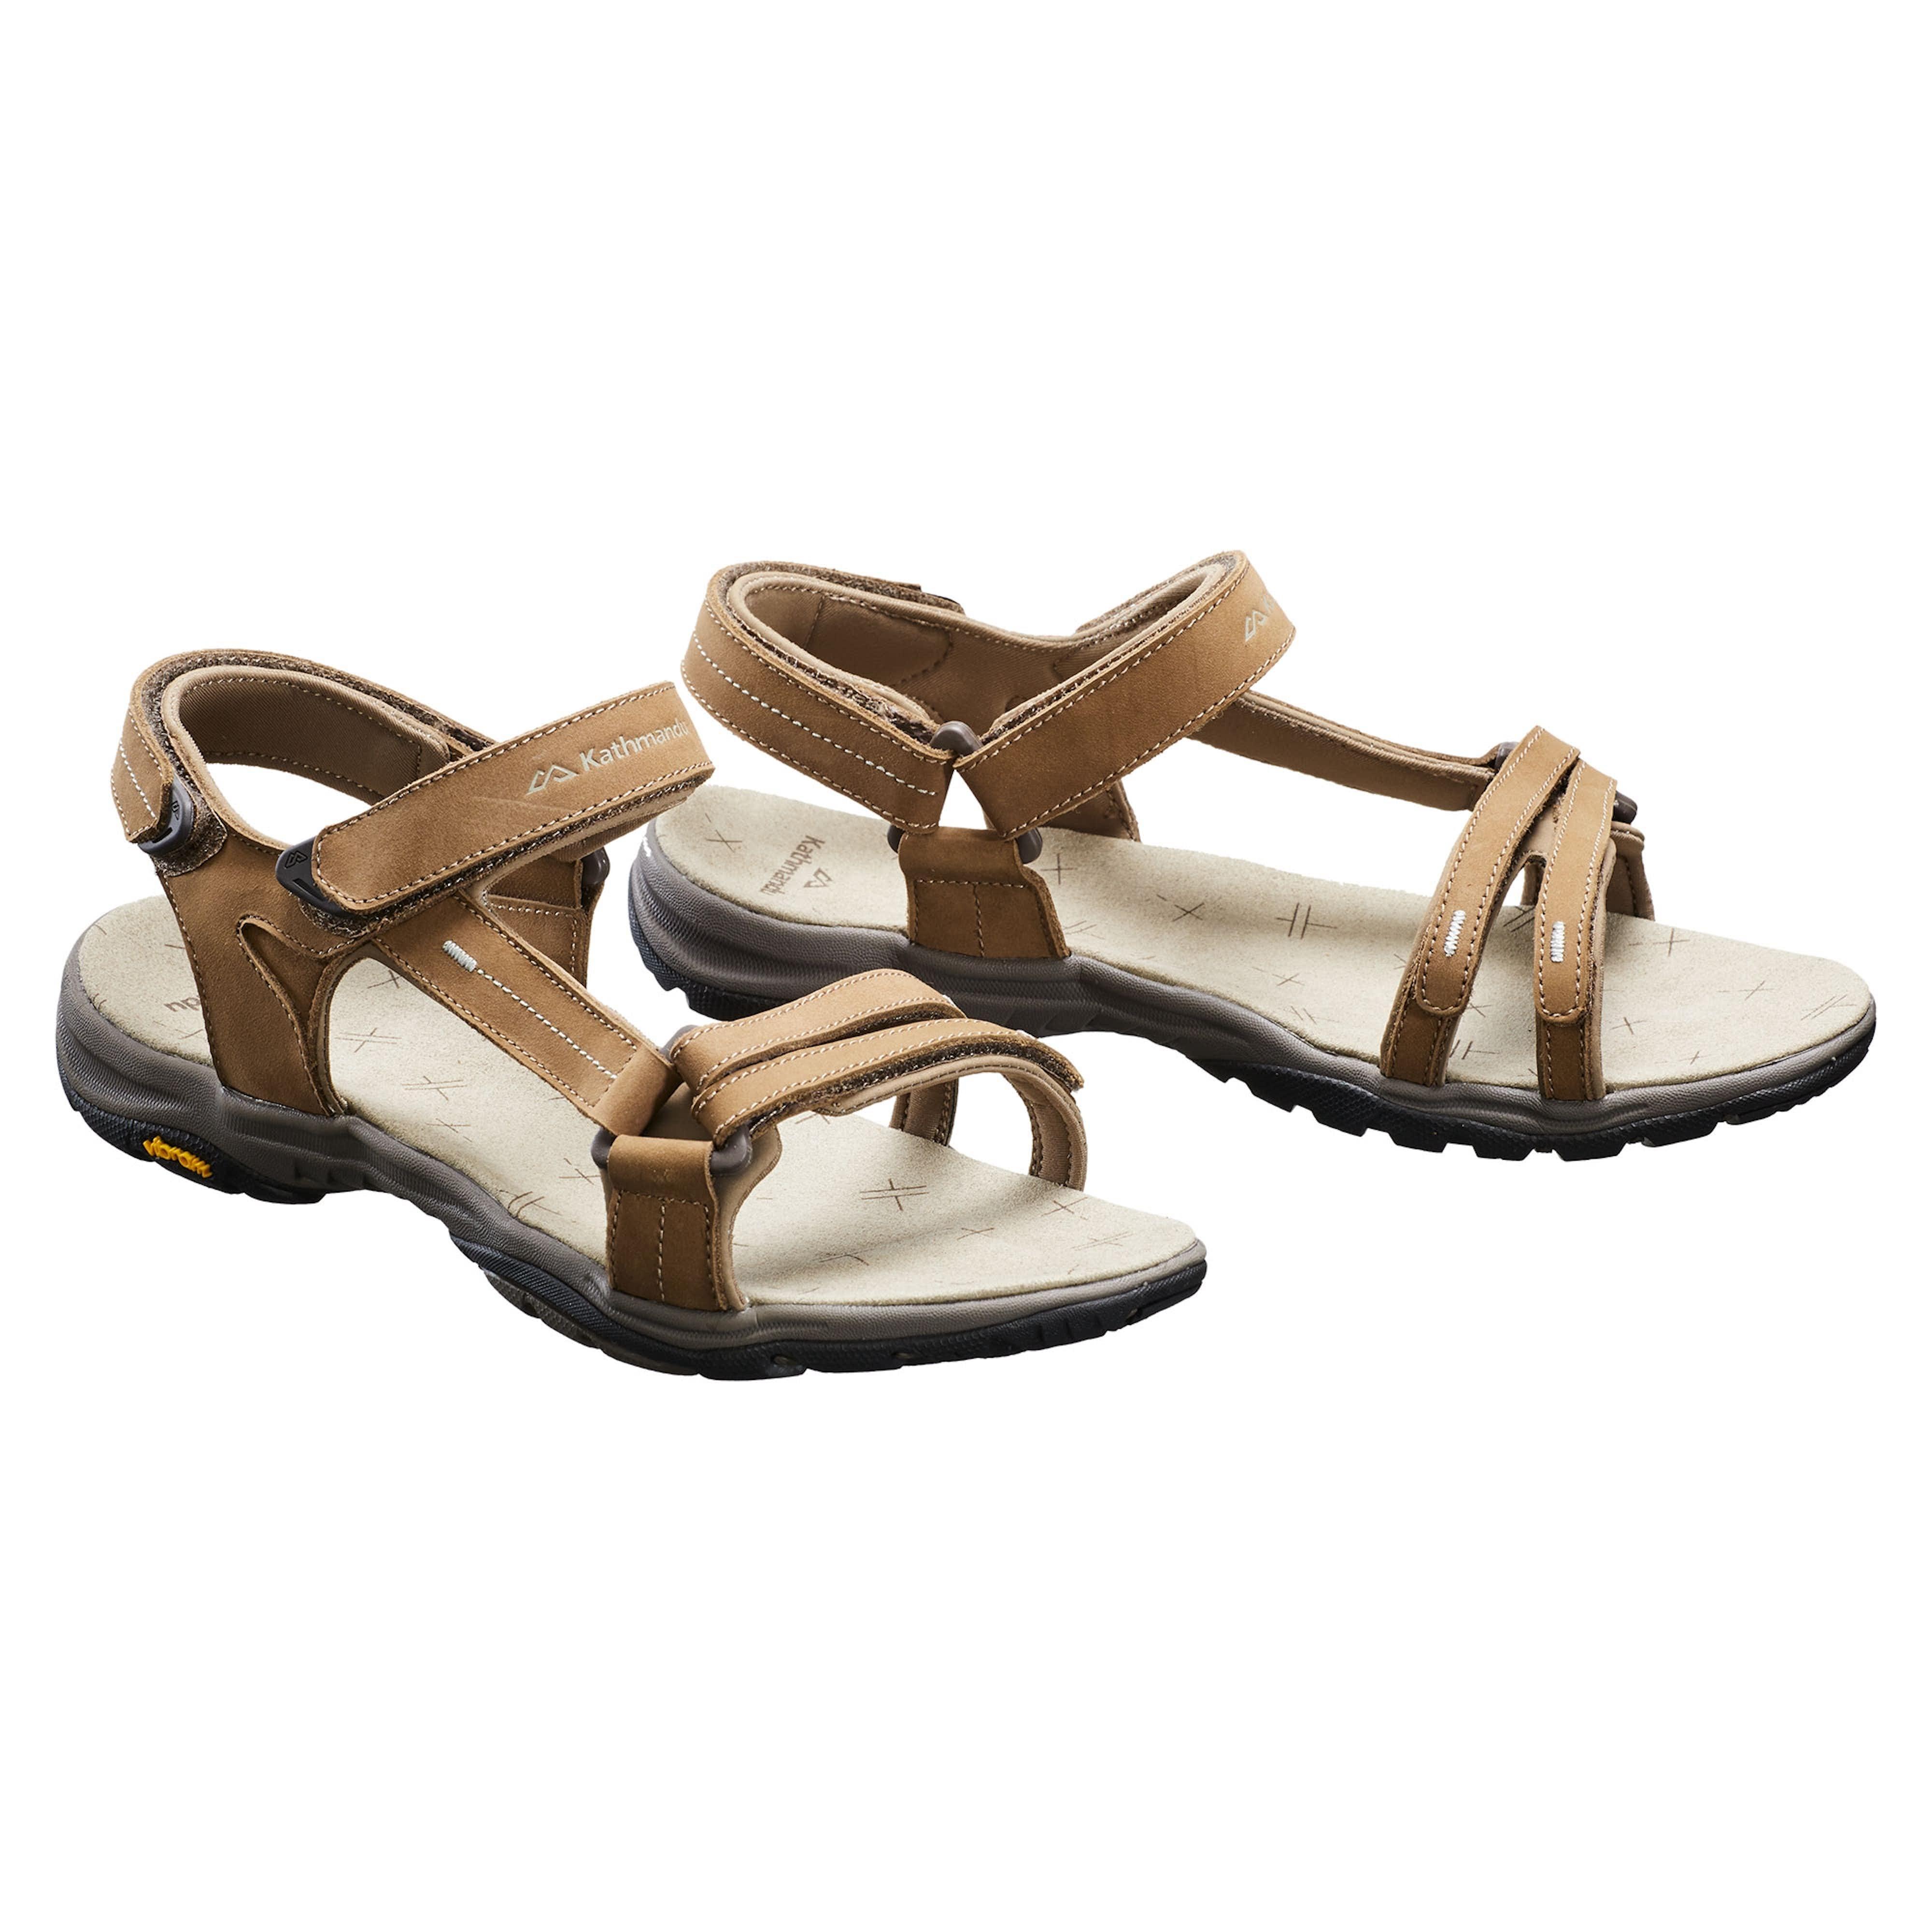 08317b6abf Womens Hiking Sandals | Waling & Trekking Sandals for Women | NZ